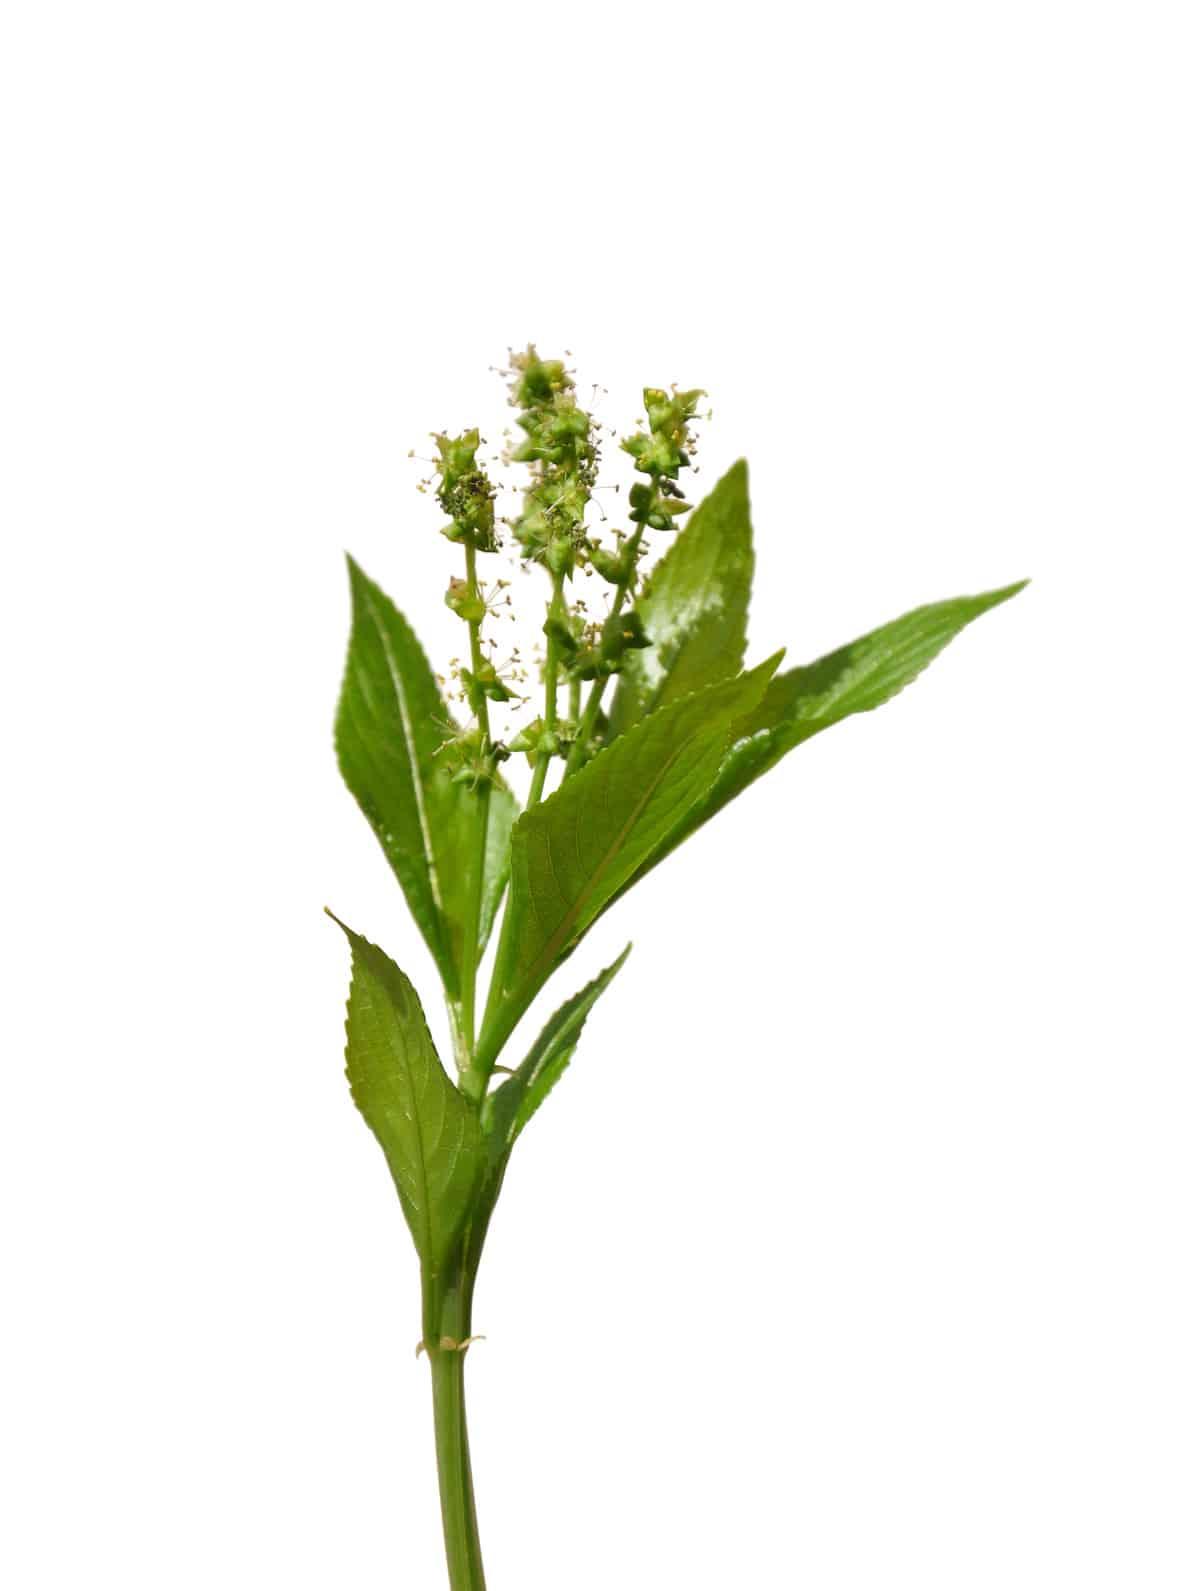 Erfahre mehr über die heilende Wirkung des Bingelkrauts. Die Heilpflanze eignet sich vor allem zur Behandlung von Bronchitis, Husten und Gicht. © Alois